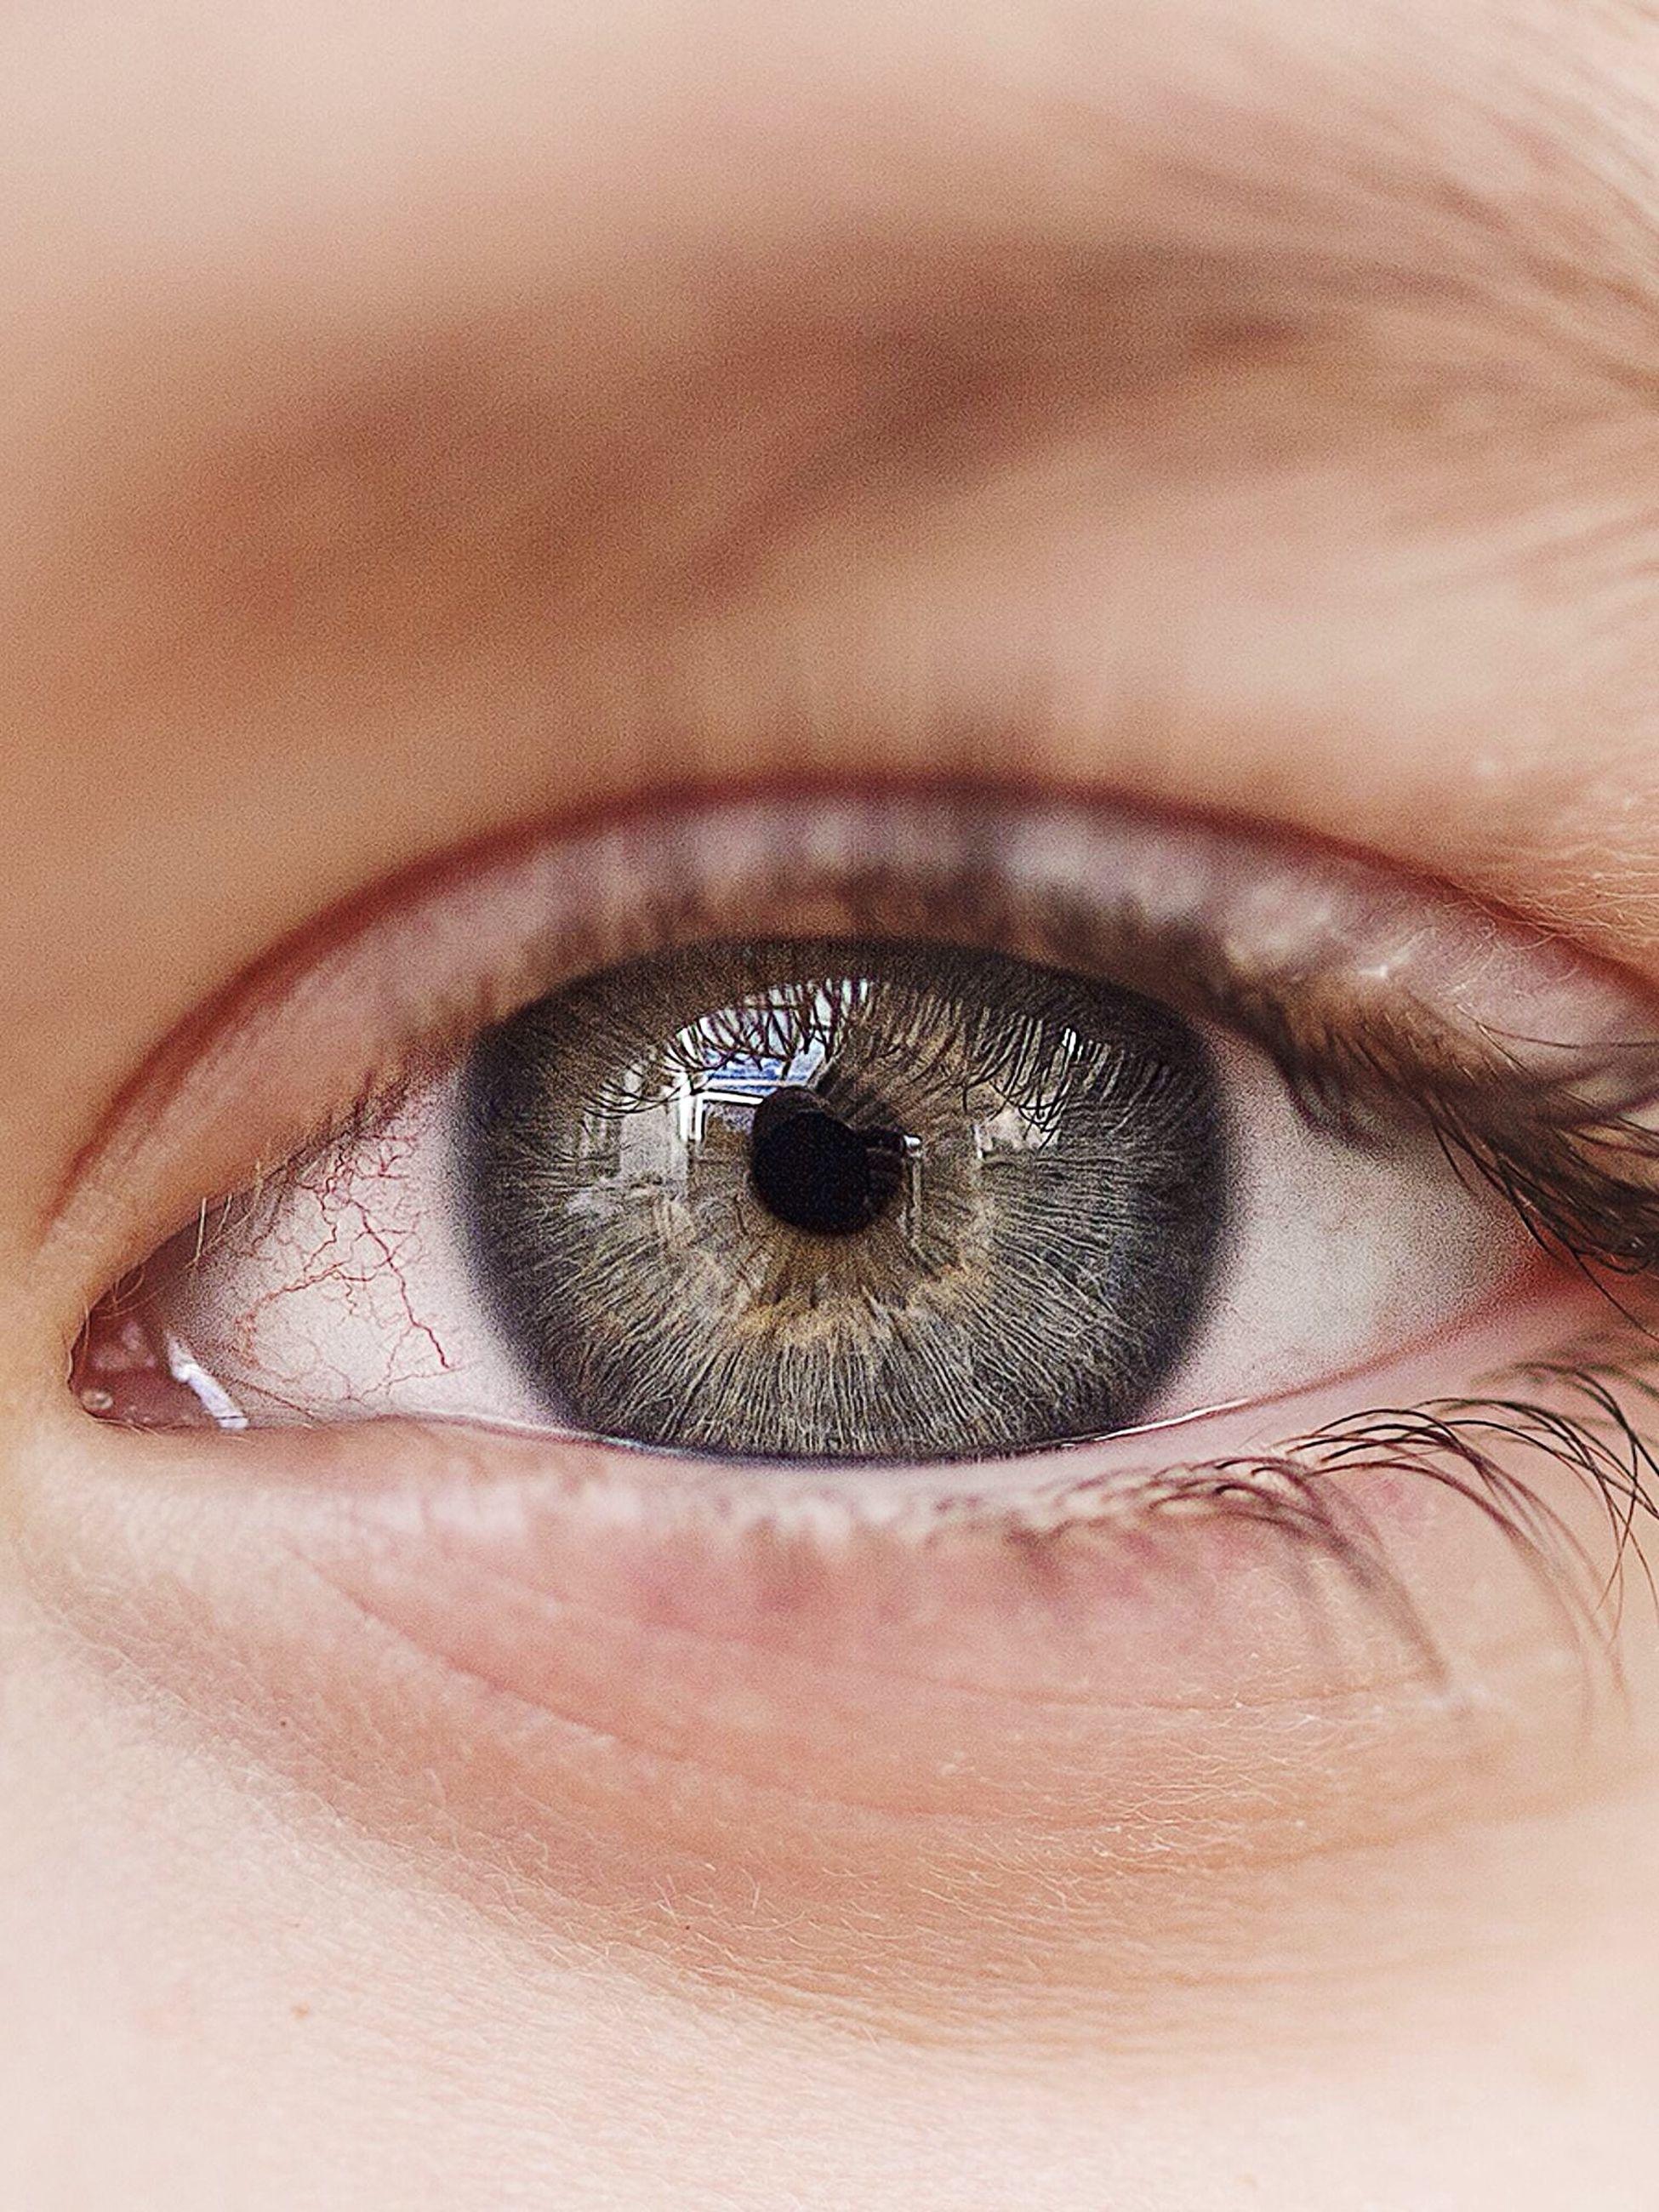 human eye, indoors, close-up, eyelash, eyesight, human skin, extreme close-up, sensory perception, part of, eyeball, extreme close up, iris - eye, unrecognizable person, full frame, macro, vision, lifestyles